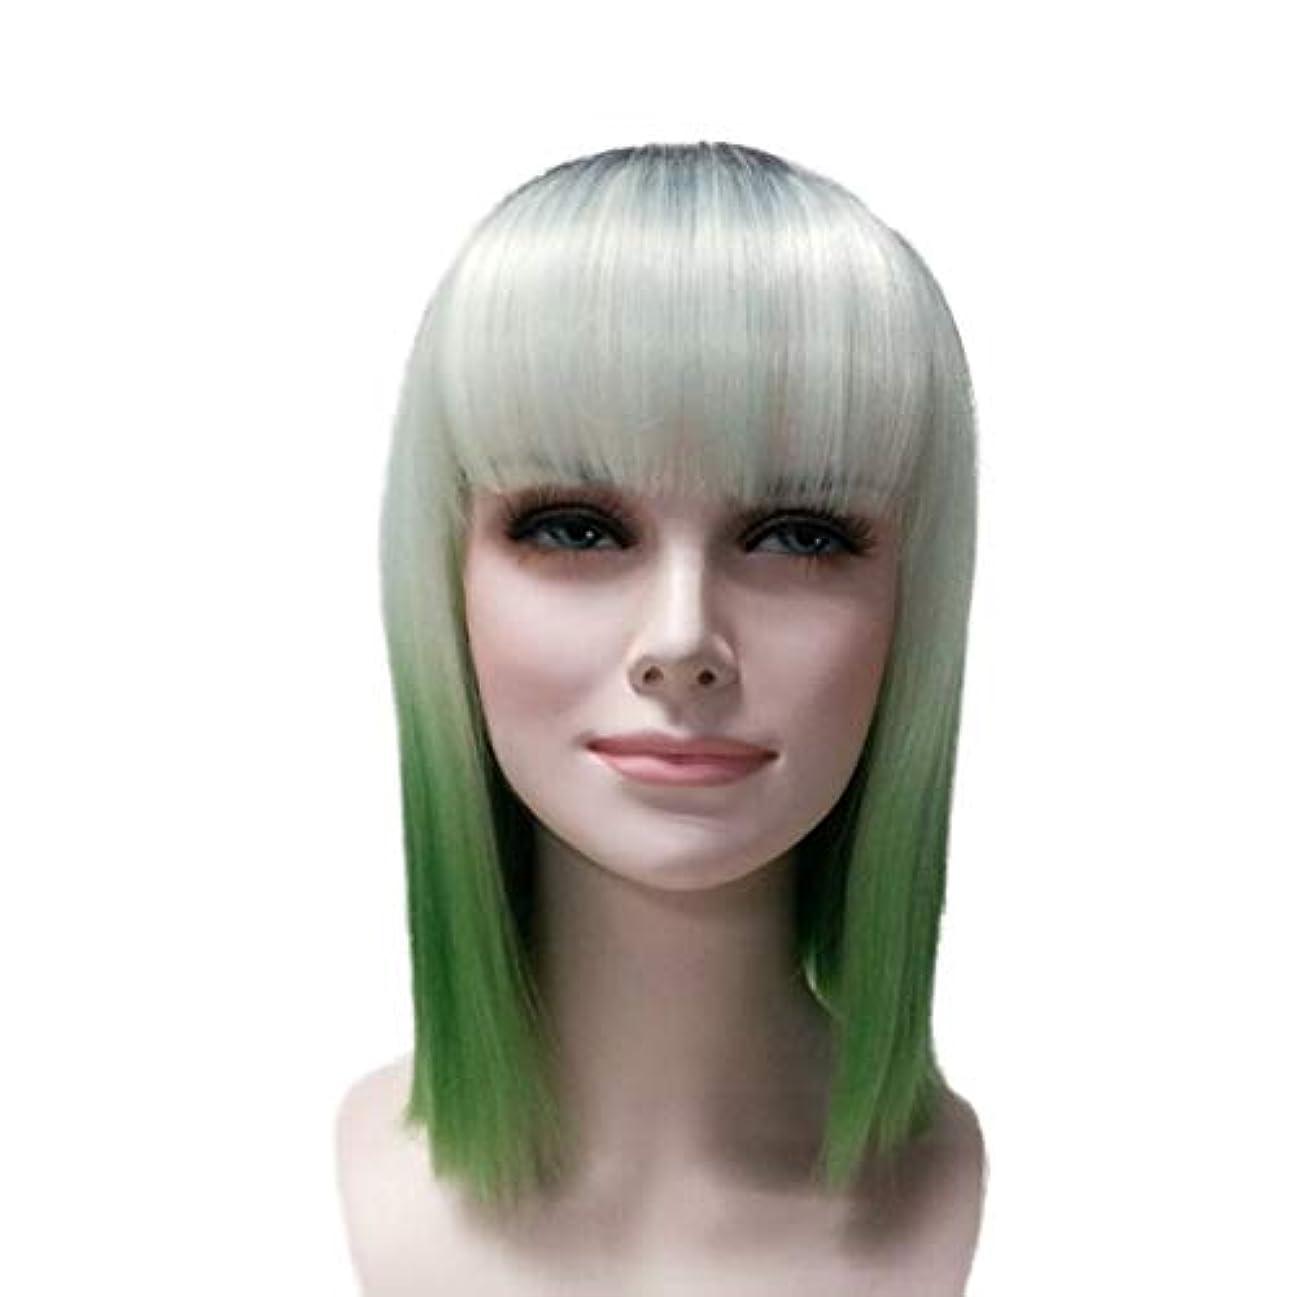 アマチュアタクシー効果的にXLEIYI カラー三色のグラデーションウィッグ女性ロングストレート髪ショートヘアふわふわウィッグ (Color : White green gradient)